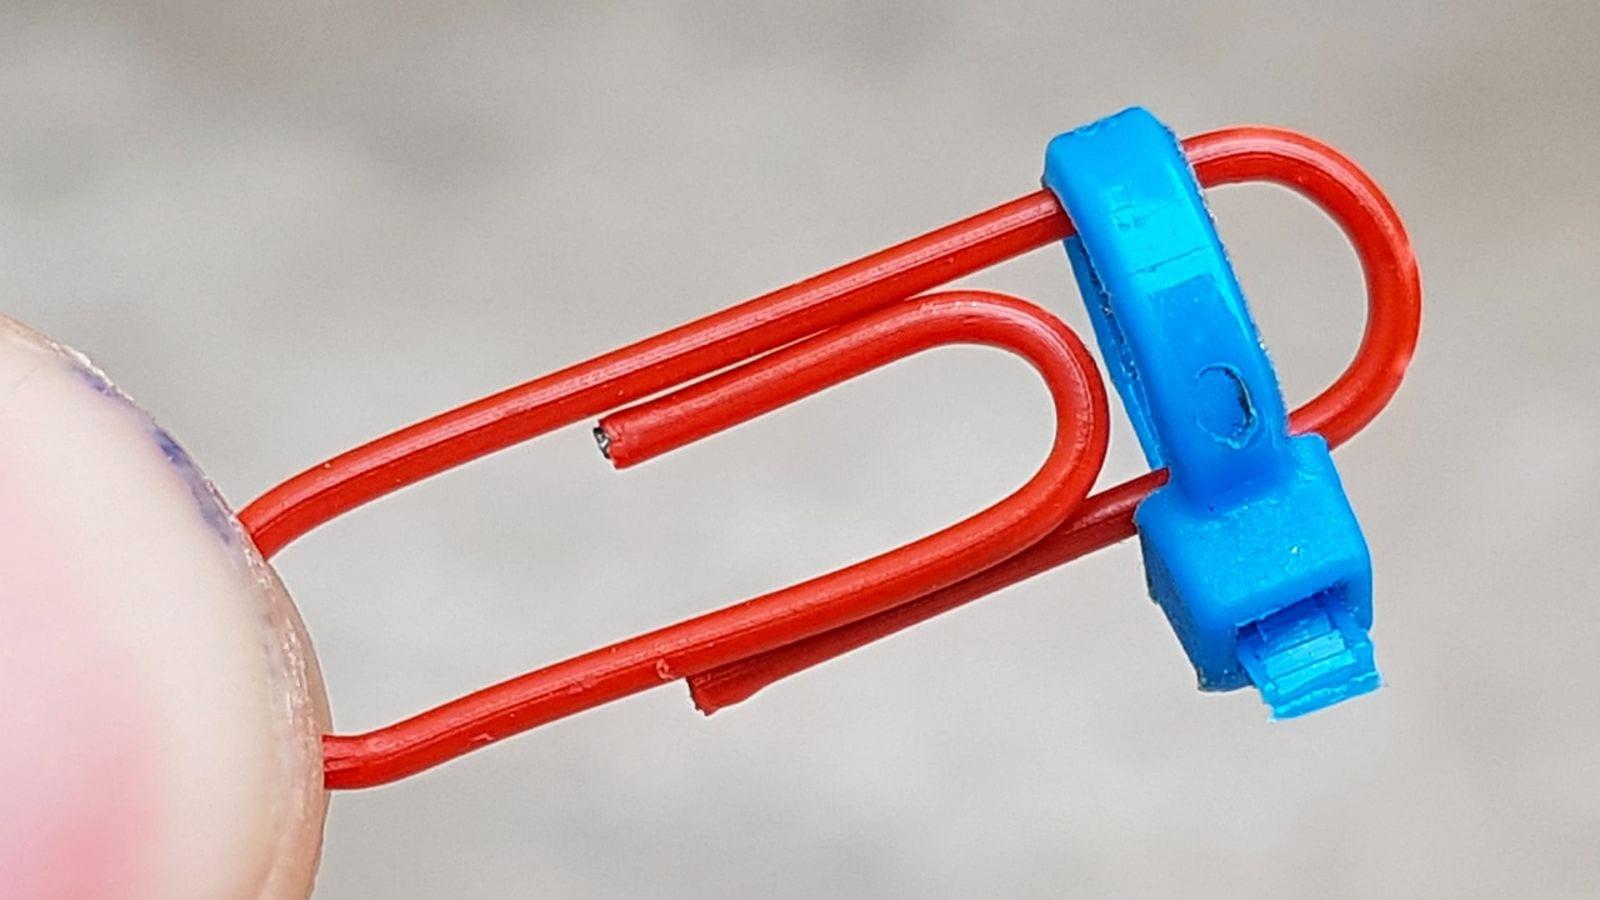 24 необычных способа использования пластиковой стяжки | stena.ee